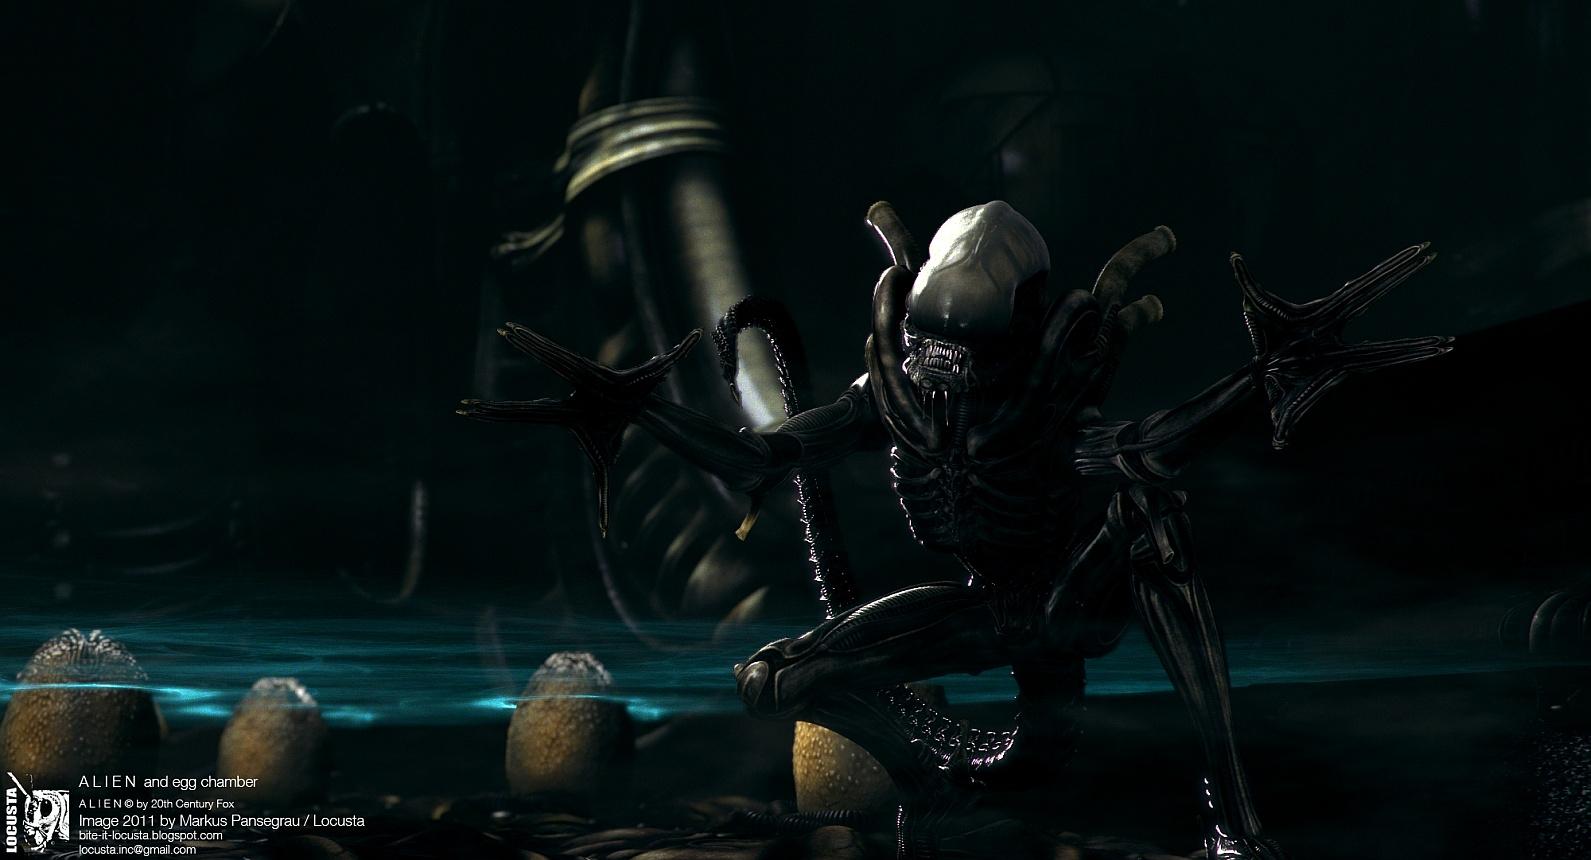 Derelict Alien